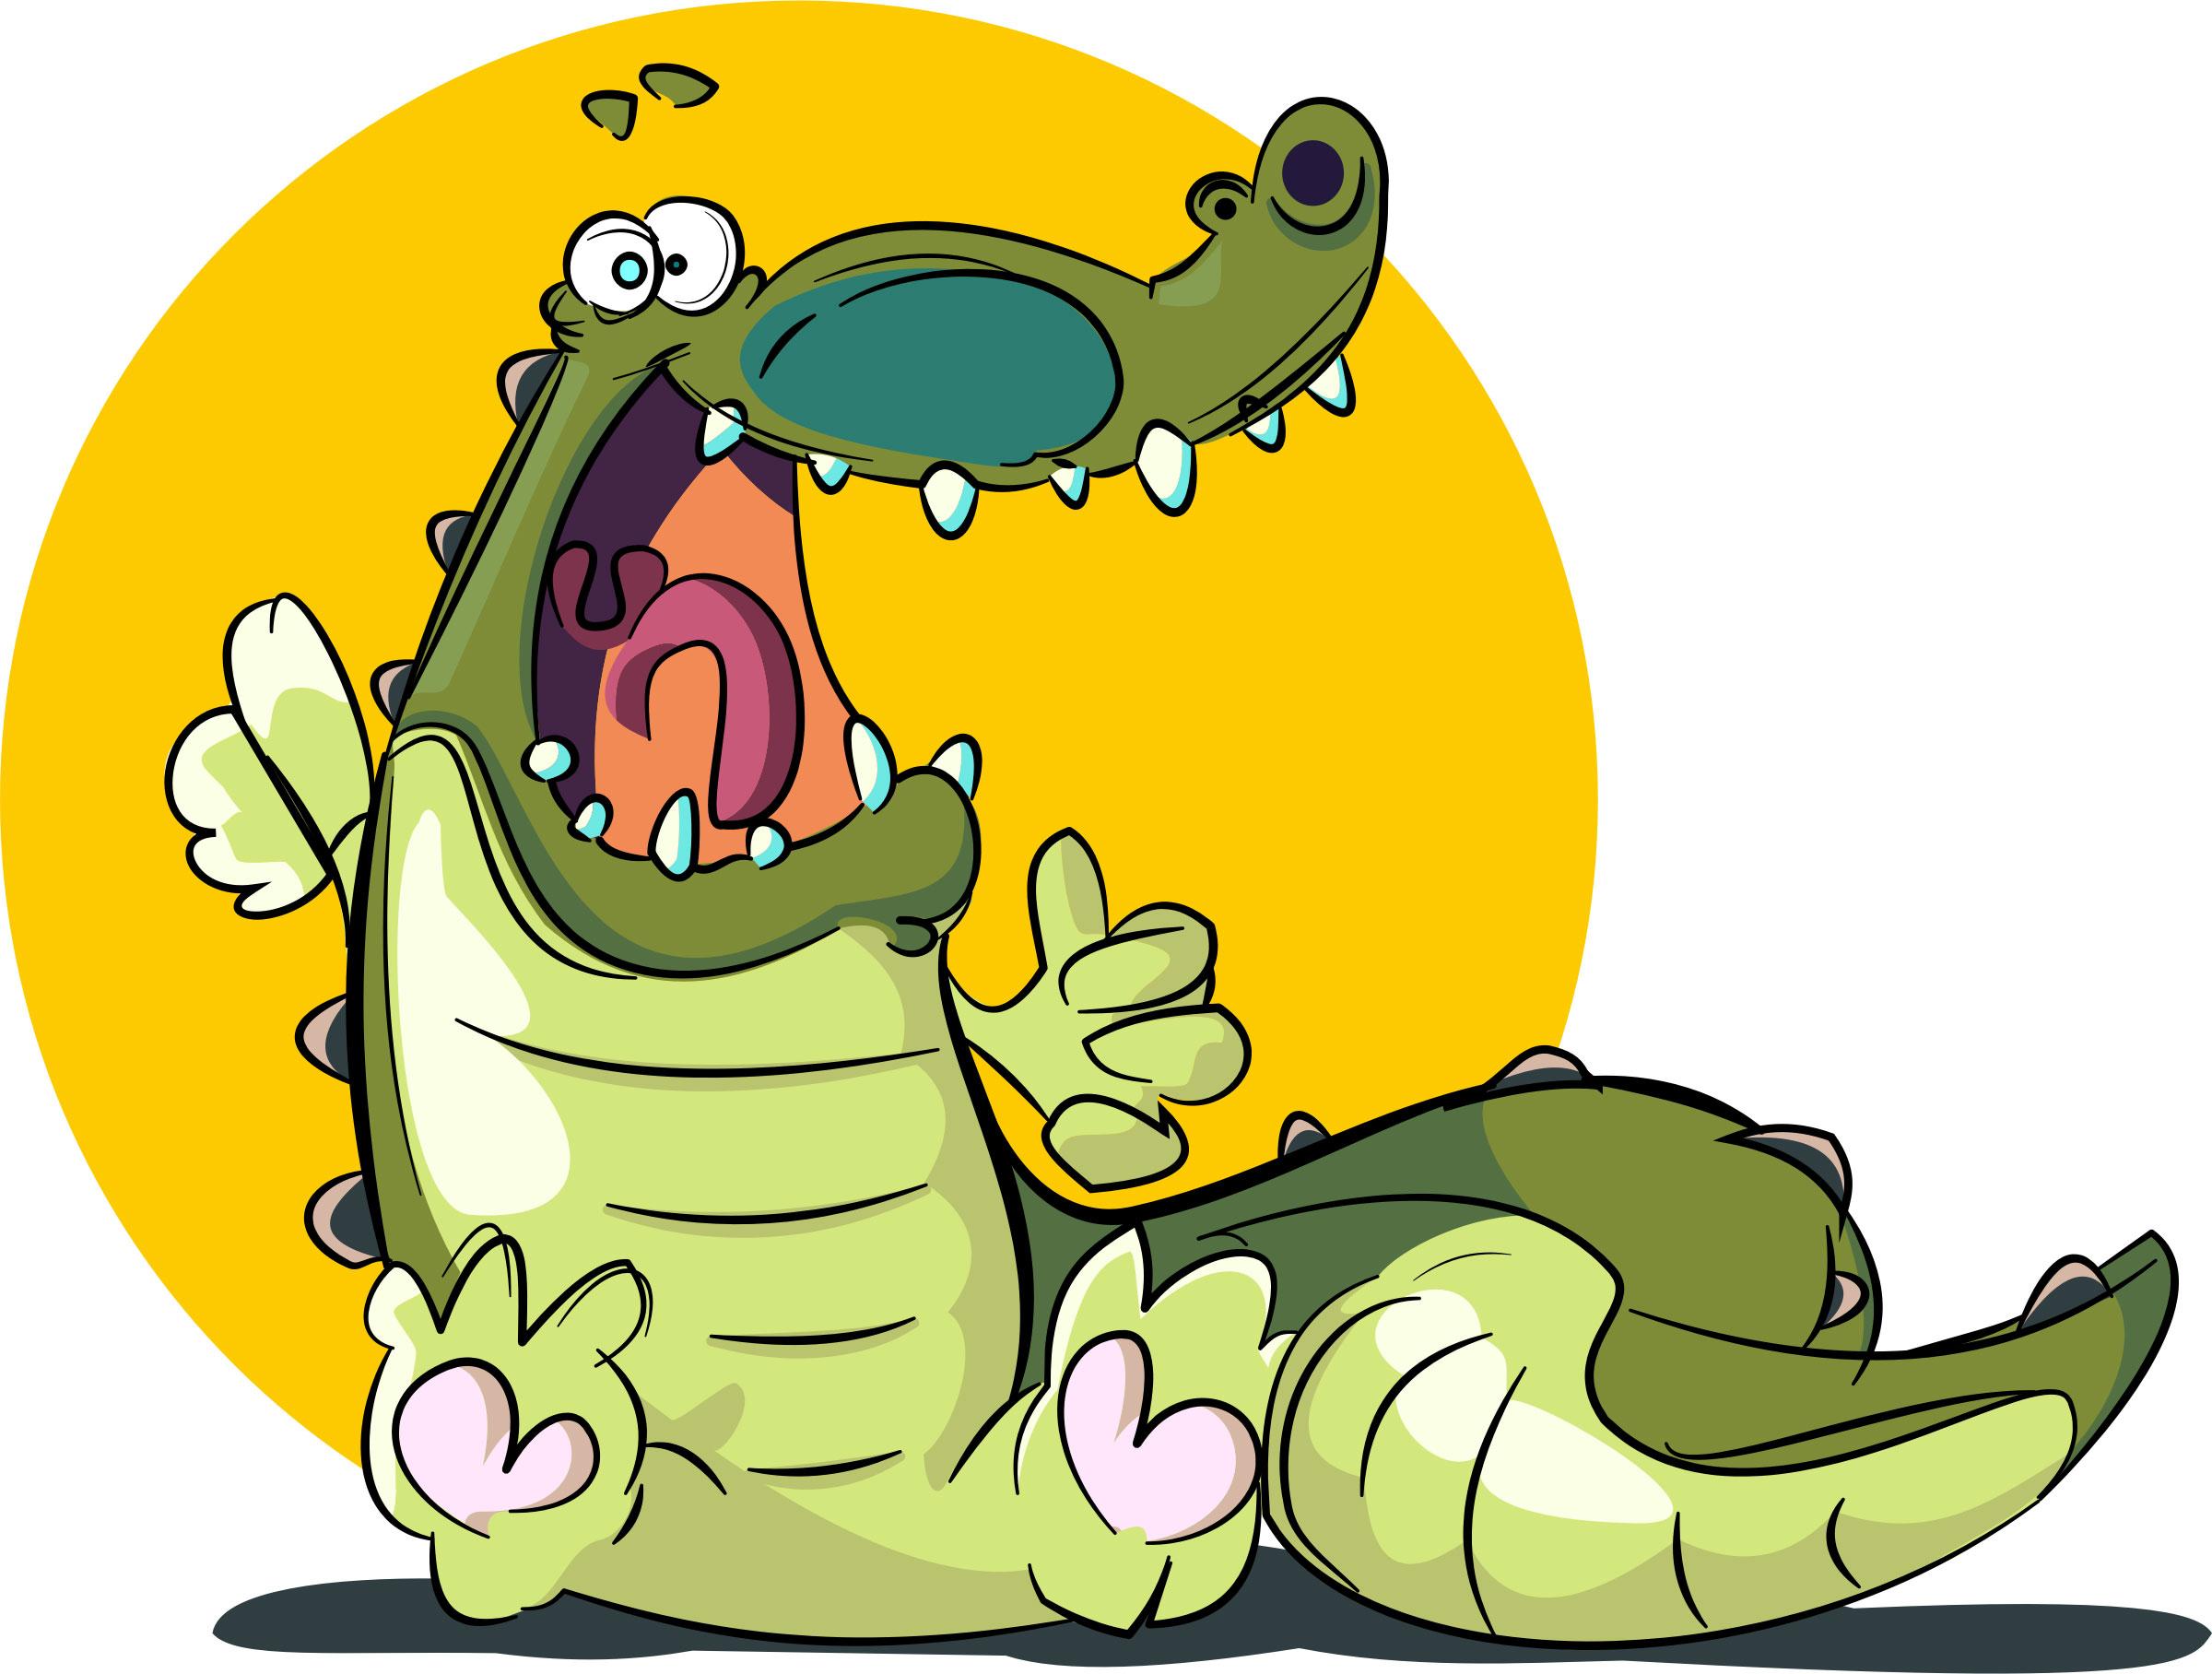 Картинка прикольного крокодила, говорят смешные картинки